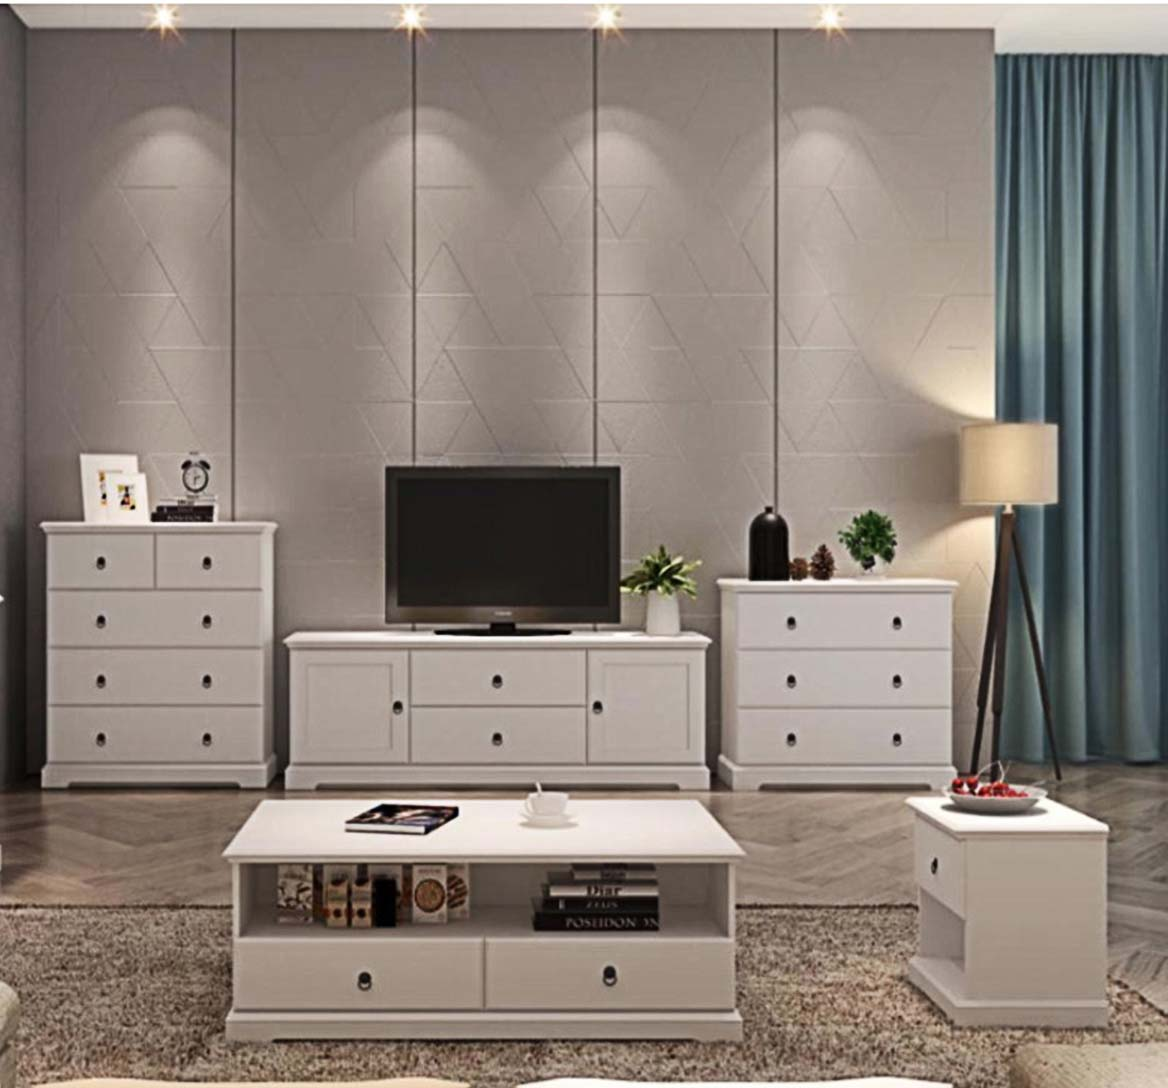 stylehome wohnzimmer m bel anbauwand wohnzimmer set 5 teilig landhausstil wei ebay. Black Bedroom Furniture Sets. Home Design Ideas